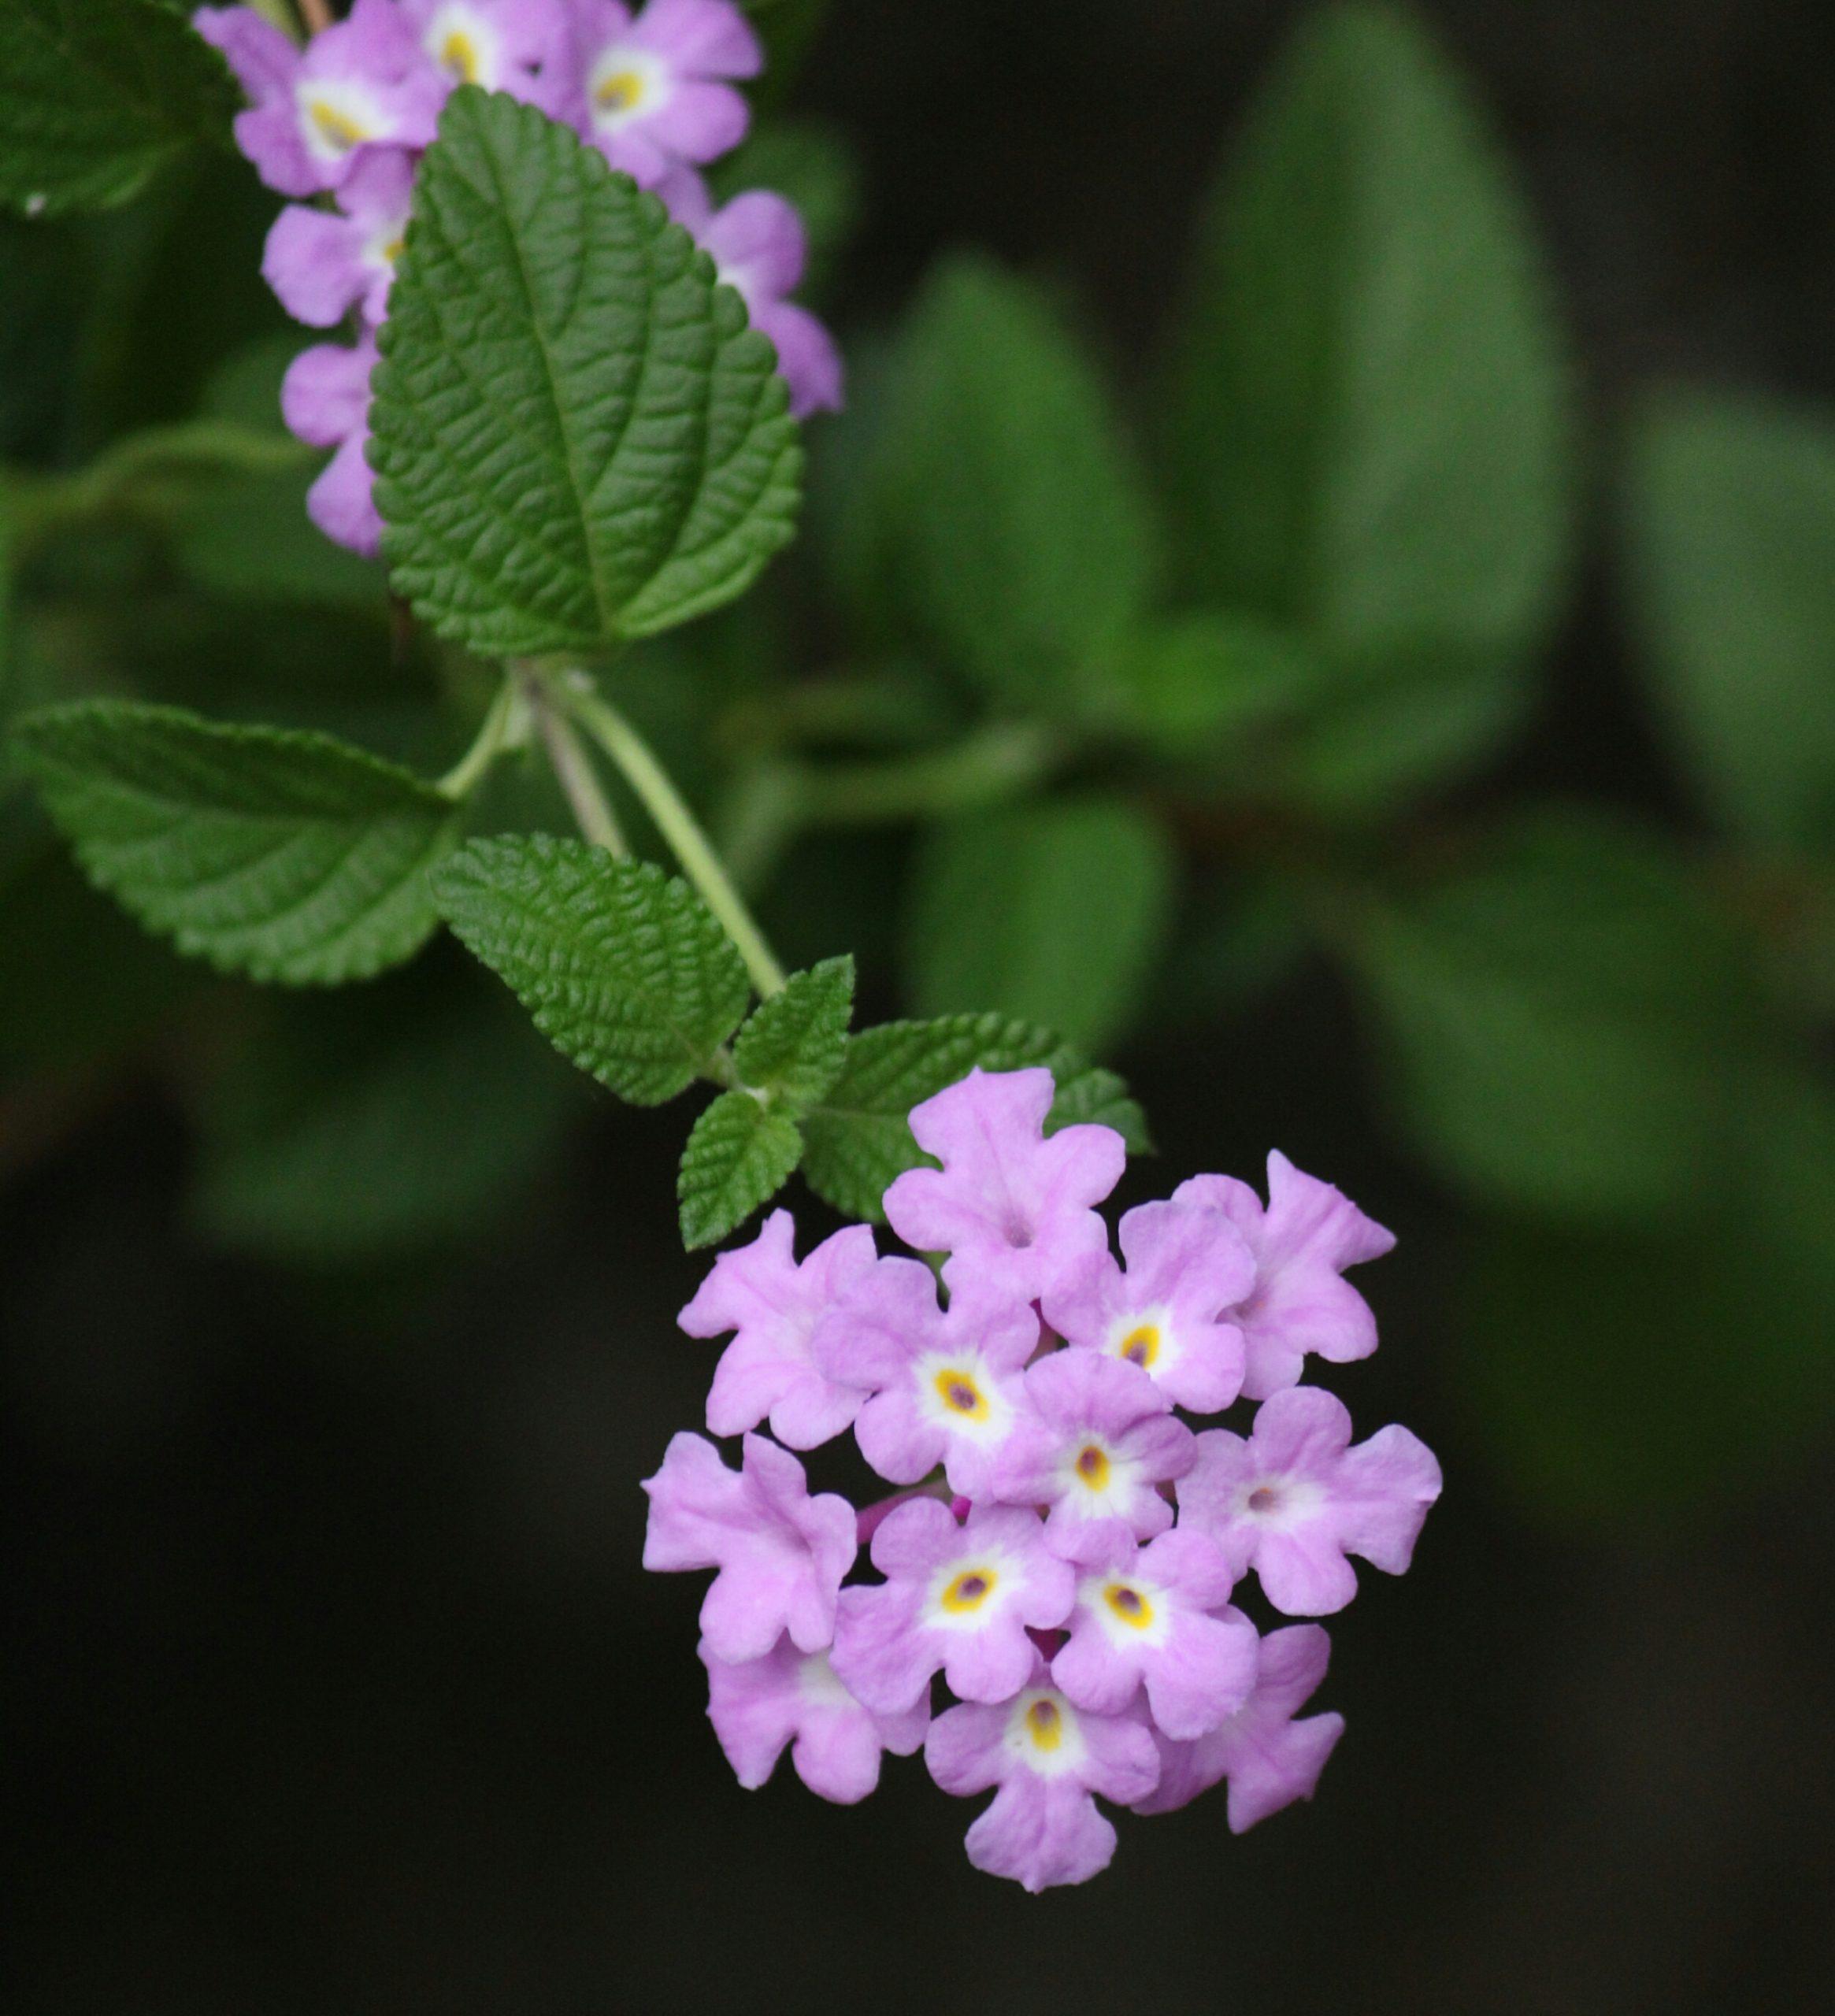 Purple Flowers on Focus